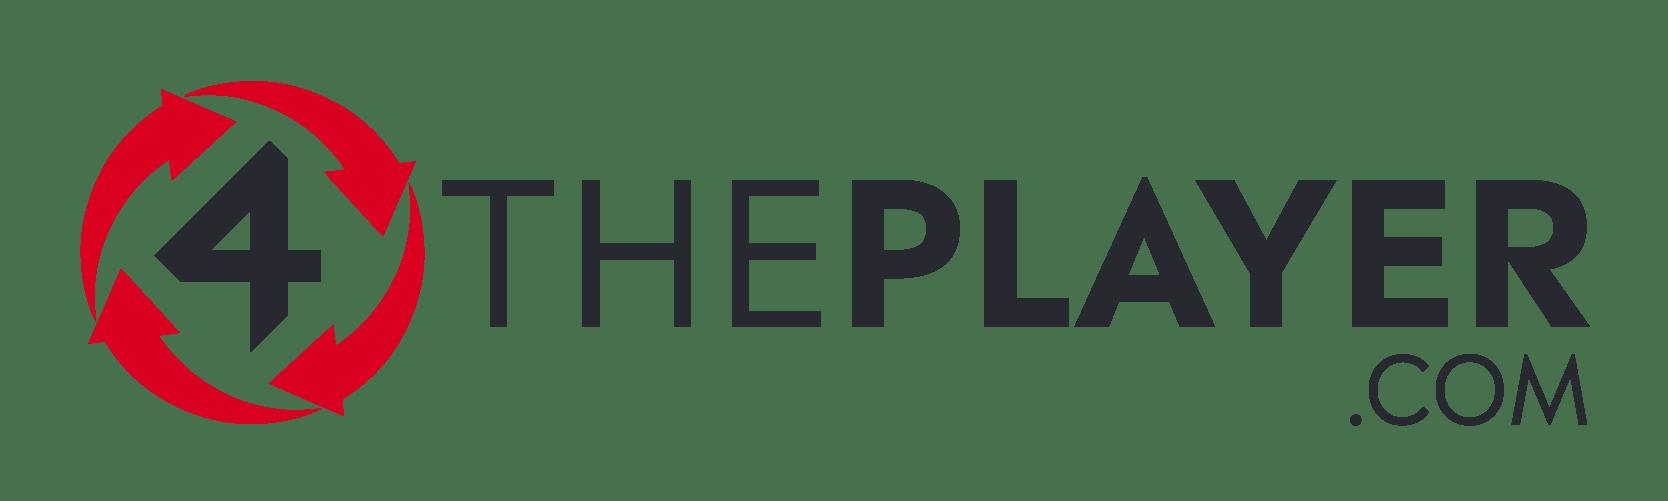 4ThePlayer игры